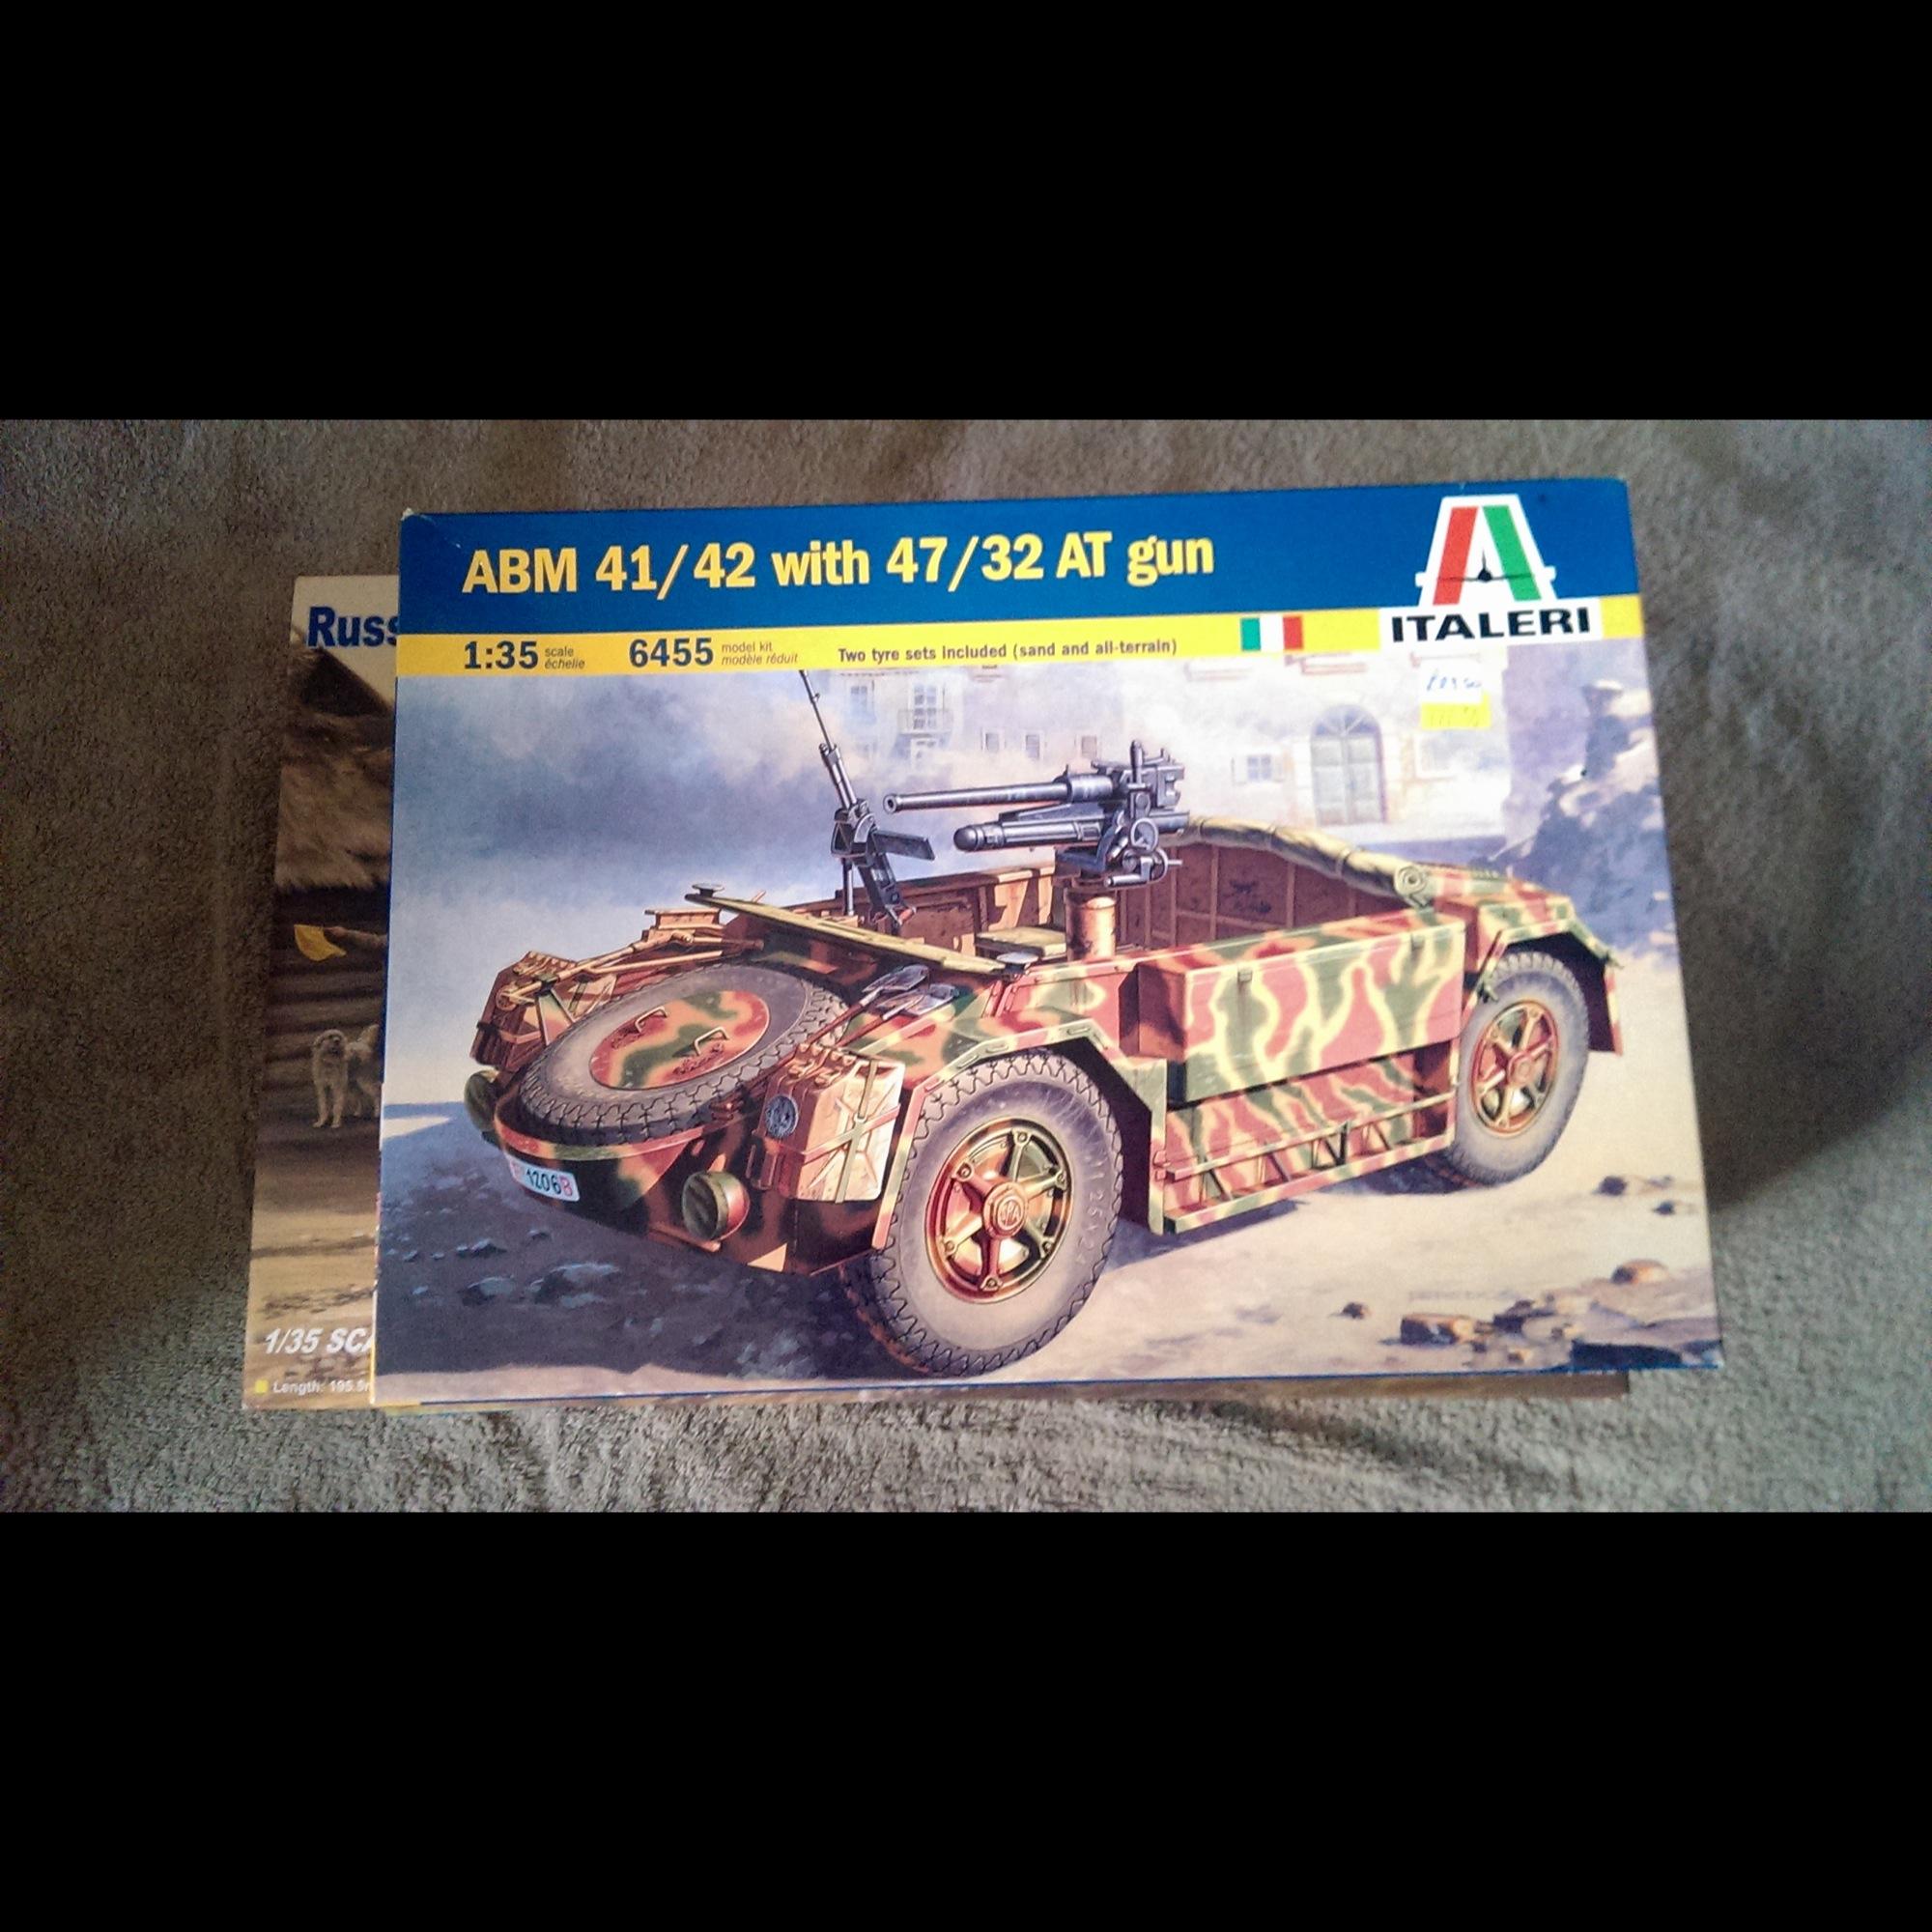 ABM 41/42 With 47/32 AT Gun